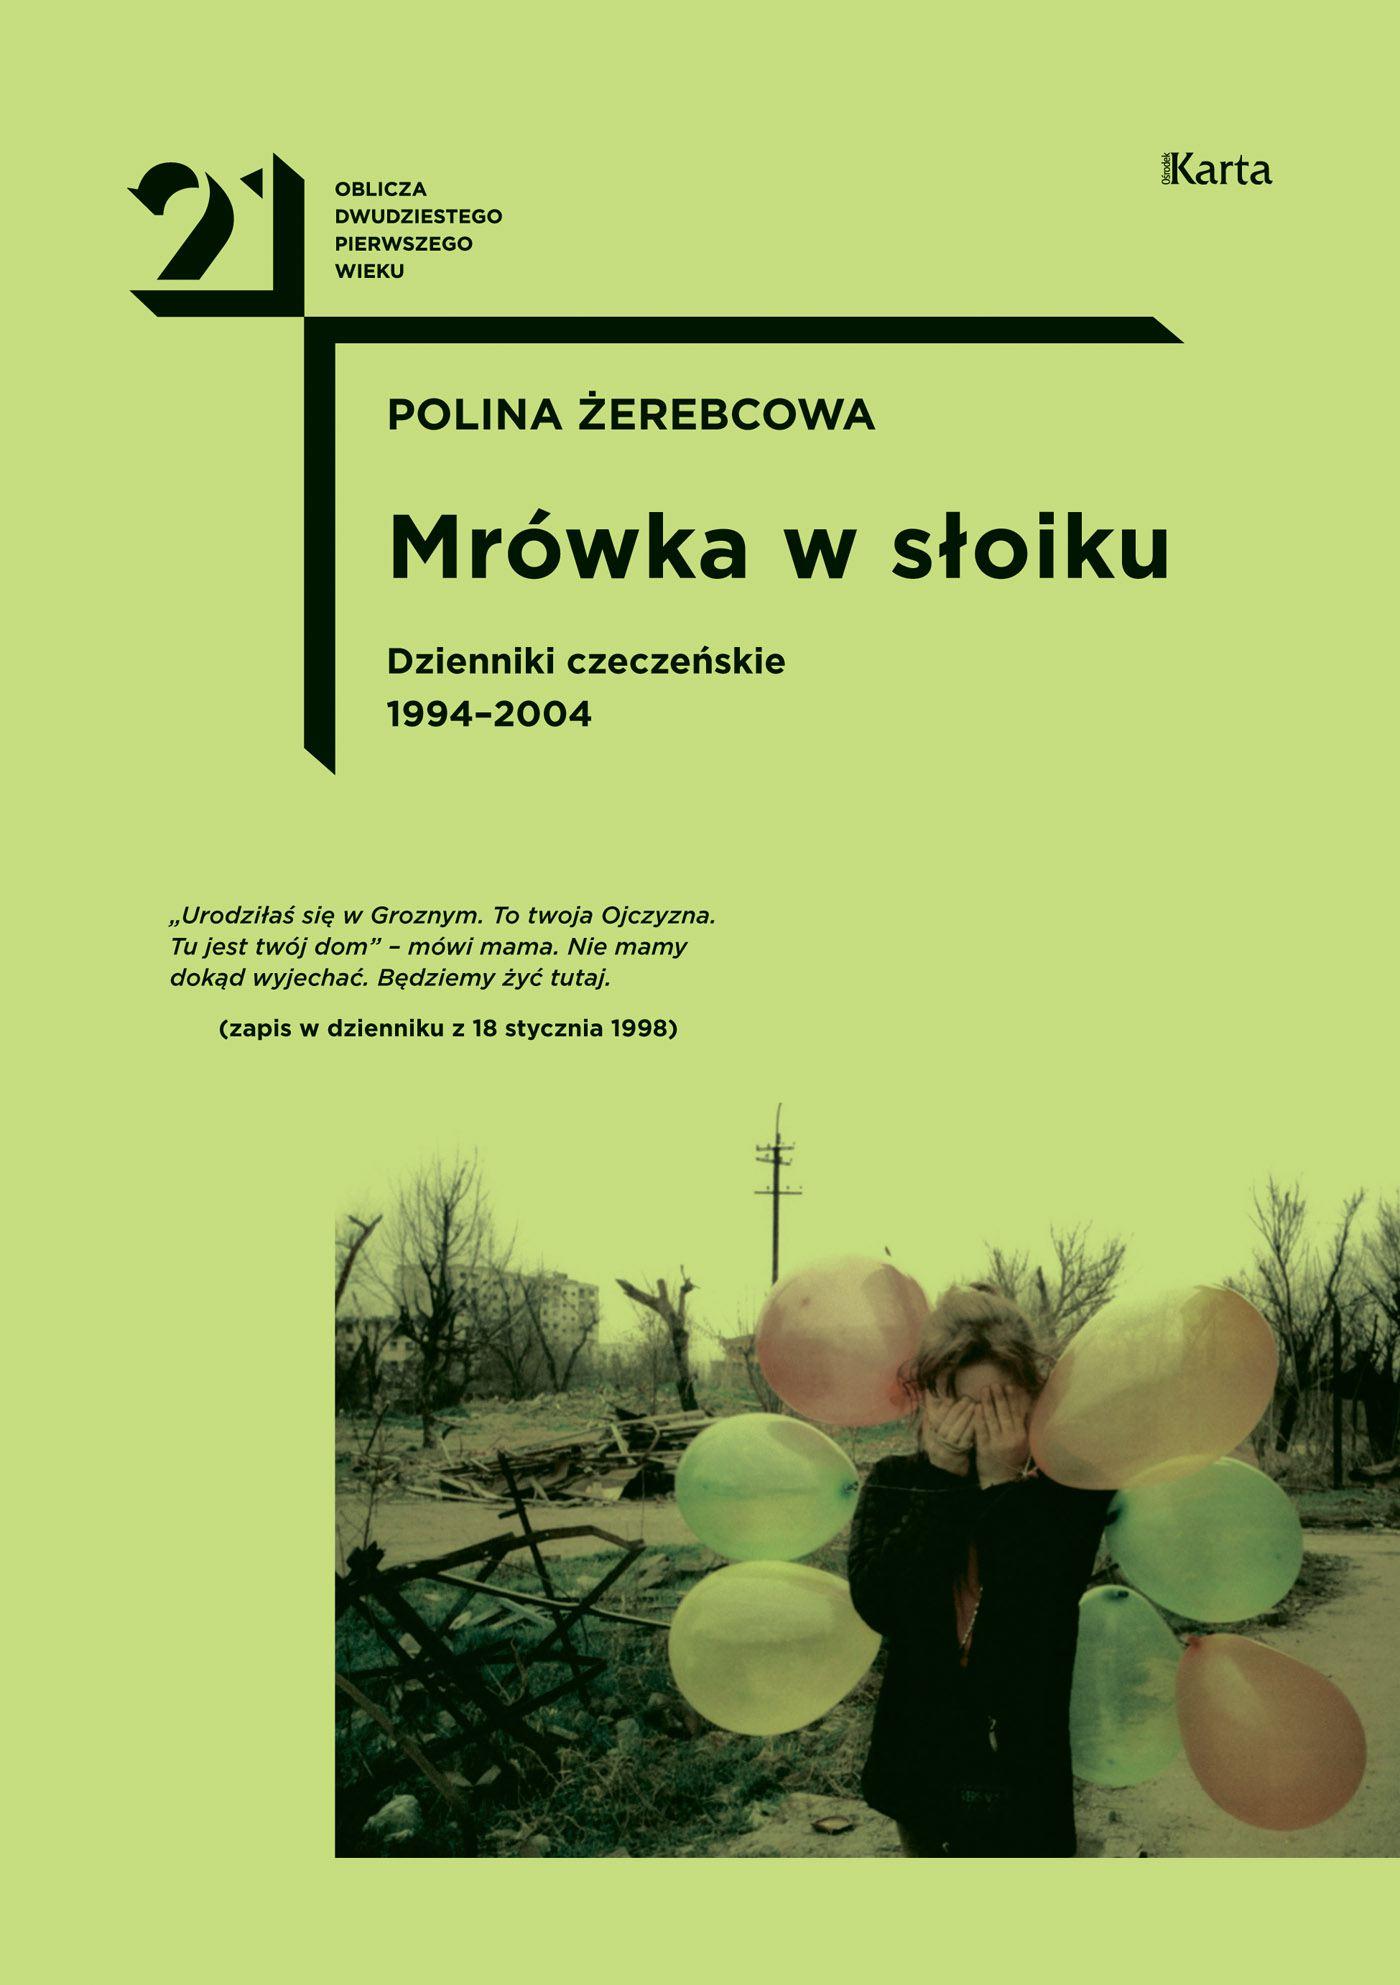 Mrówka w słoiku. Dzienniki czeczeńskie 1994-2004 - Ebook (Książka na Kindle) do pobrania w formacie MOBI